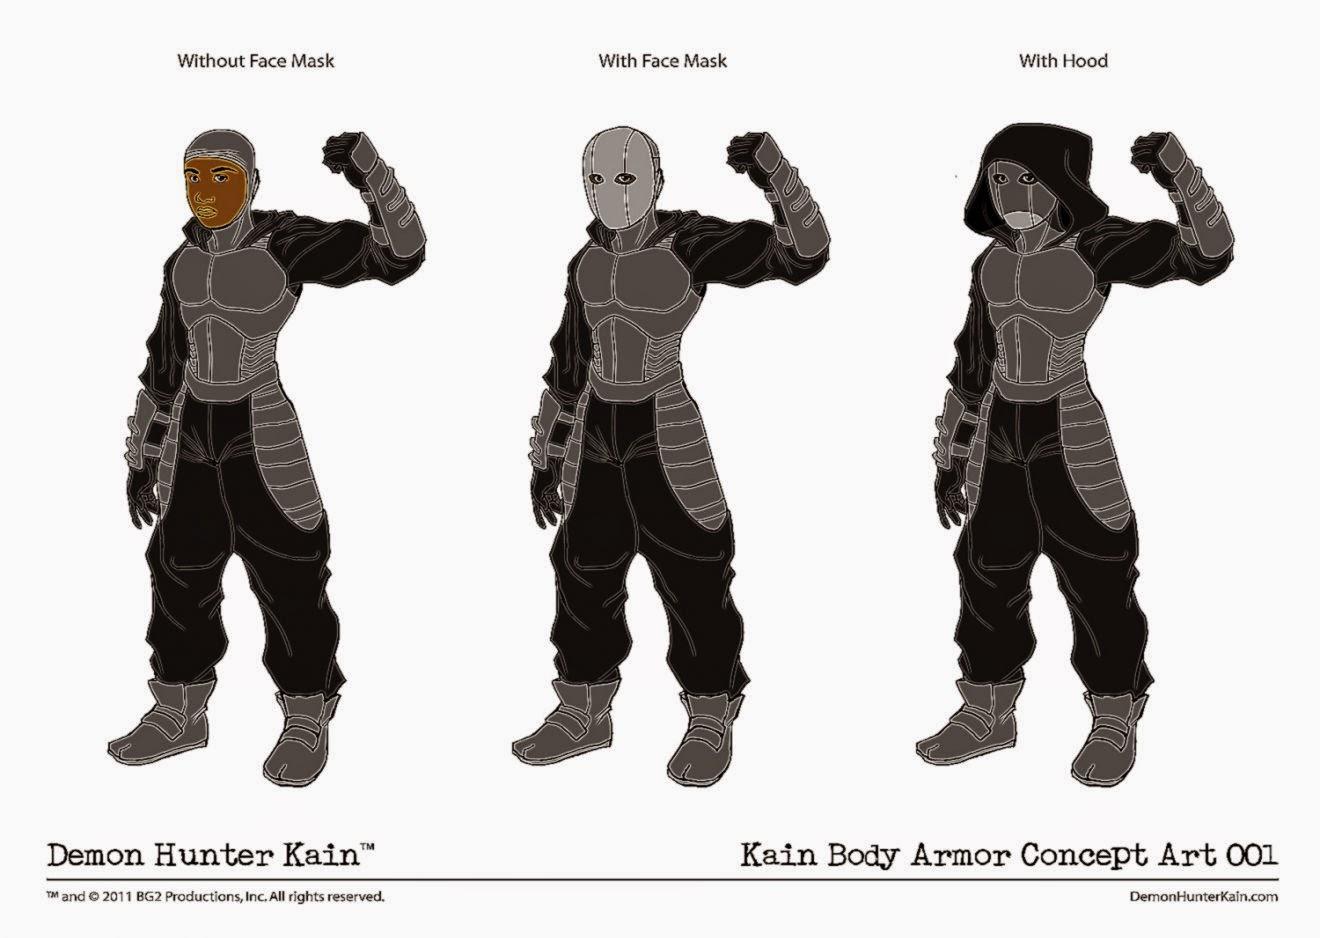 Kain Body Armor Concept Art 001